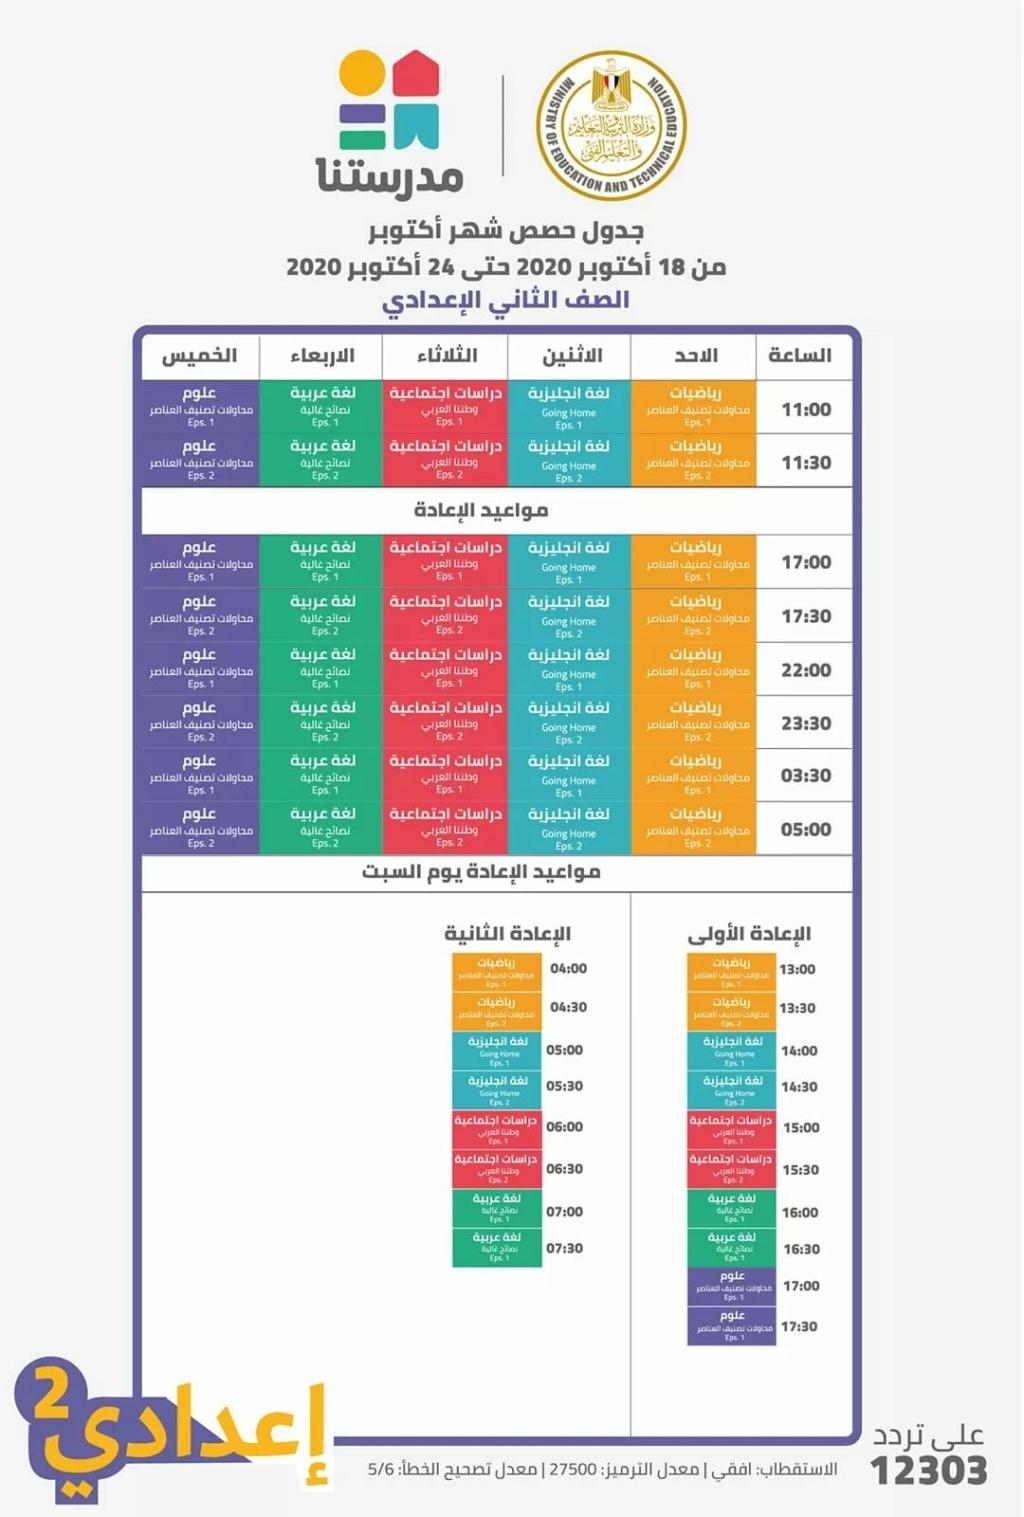 جدول حصص قناة مدرستنا لصفوف الابتدائي والاعدادي 13219